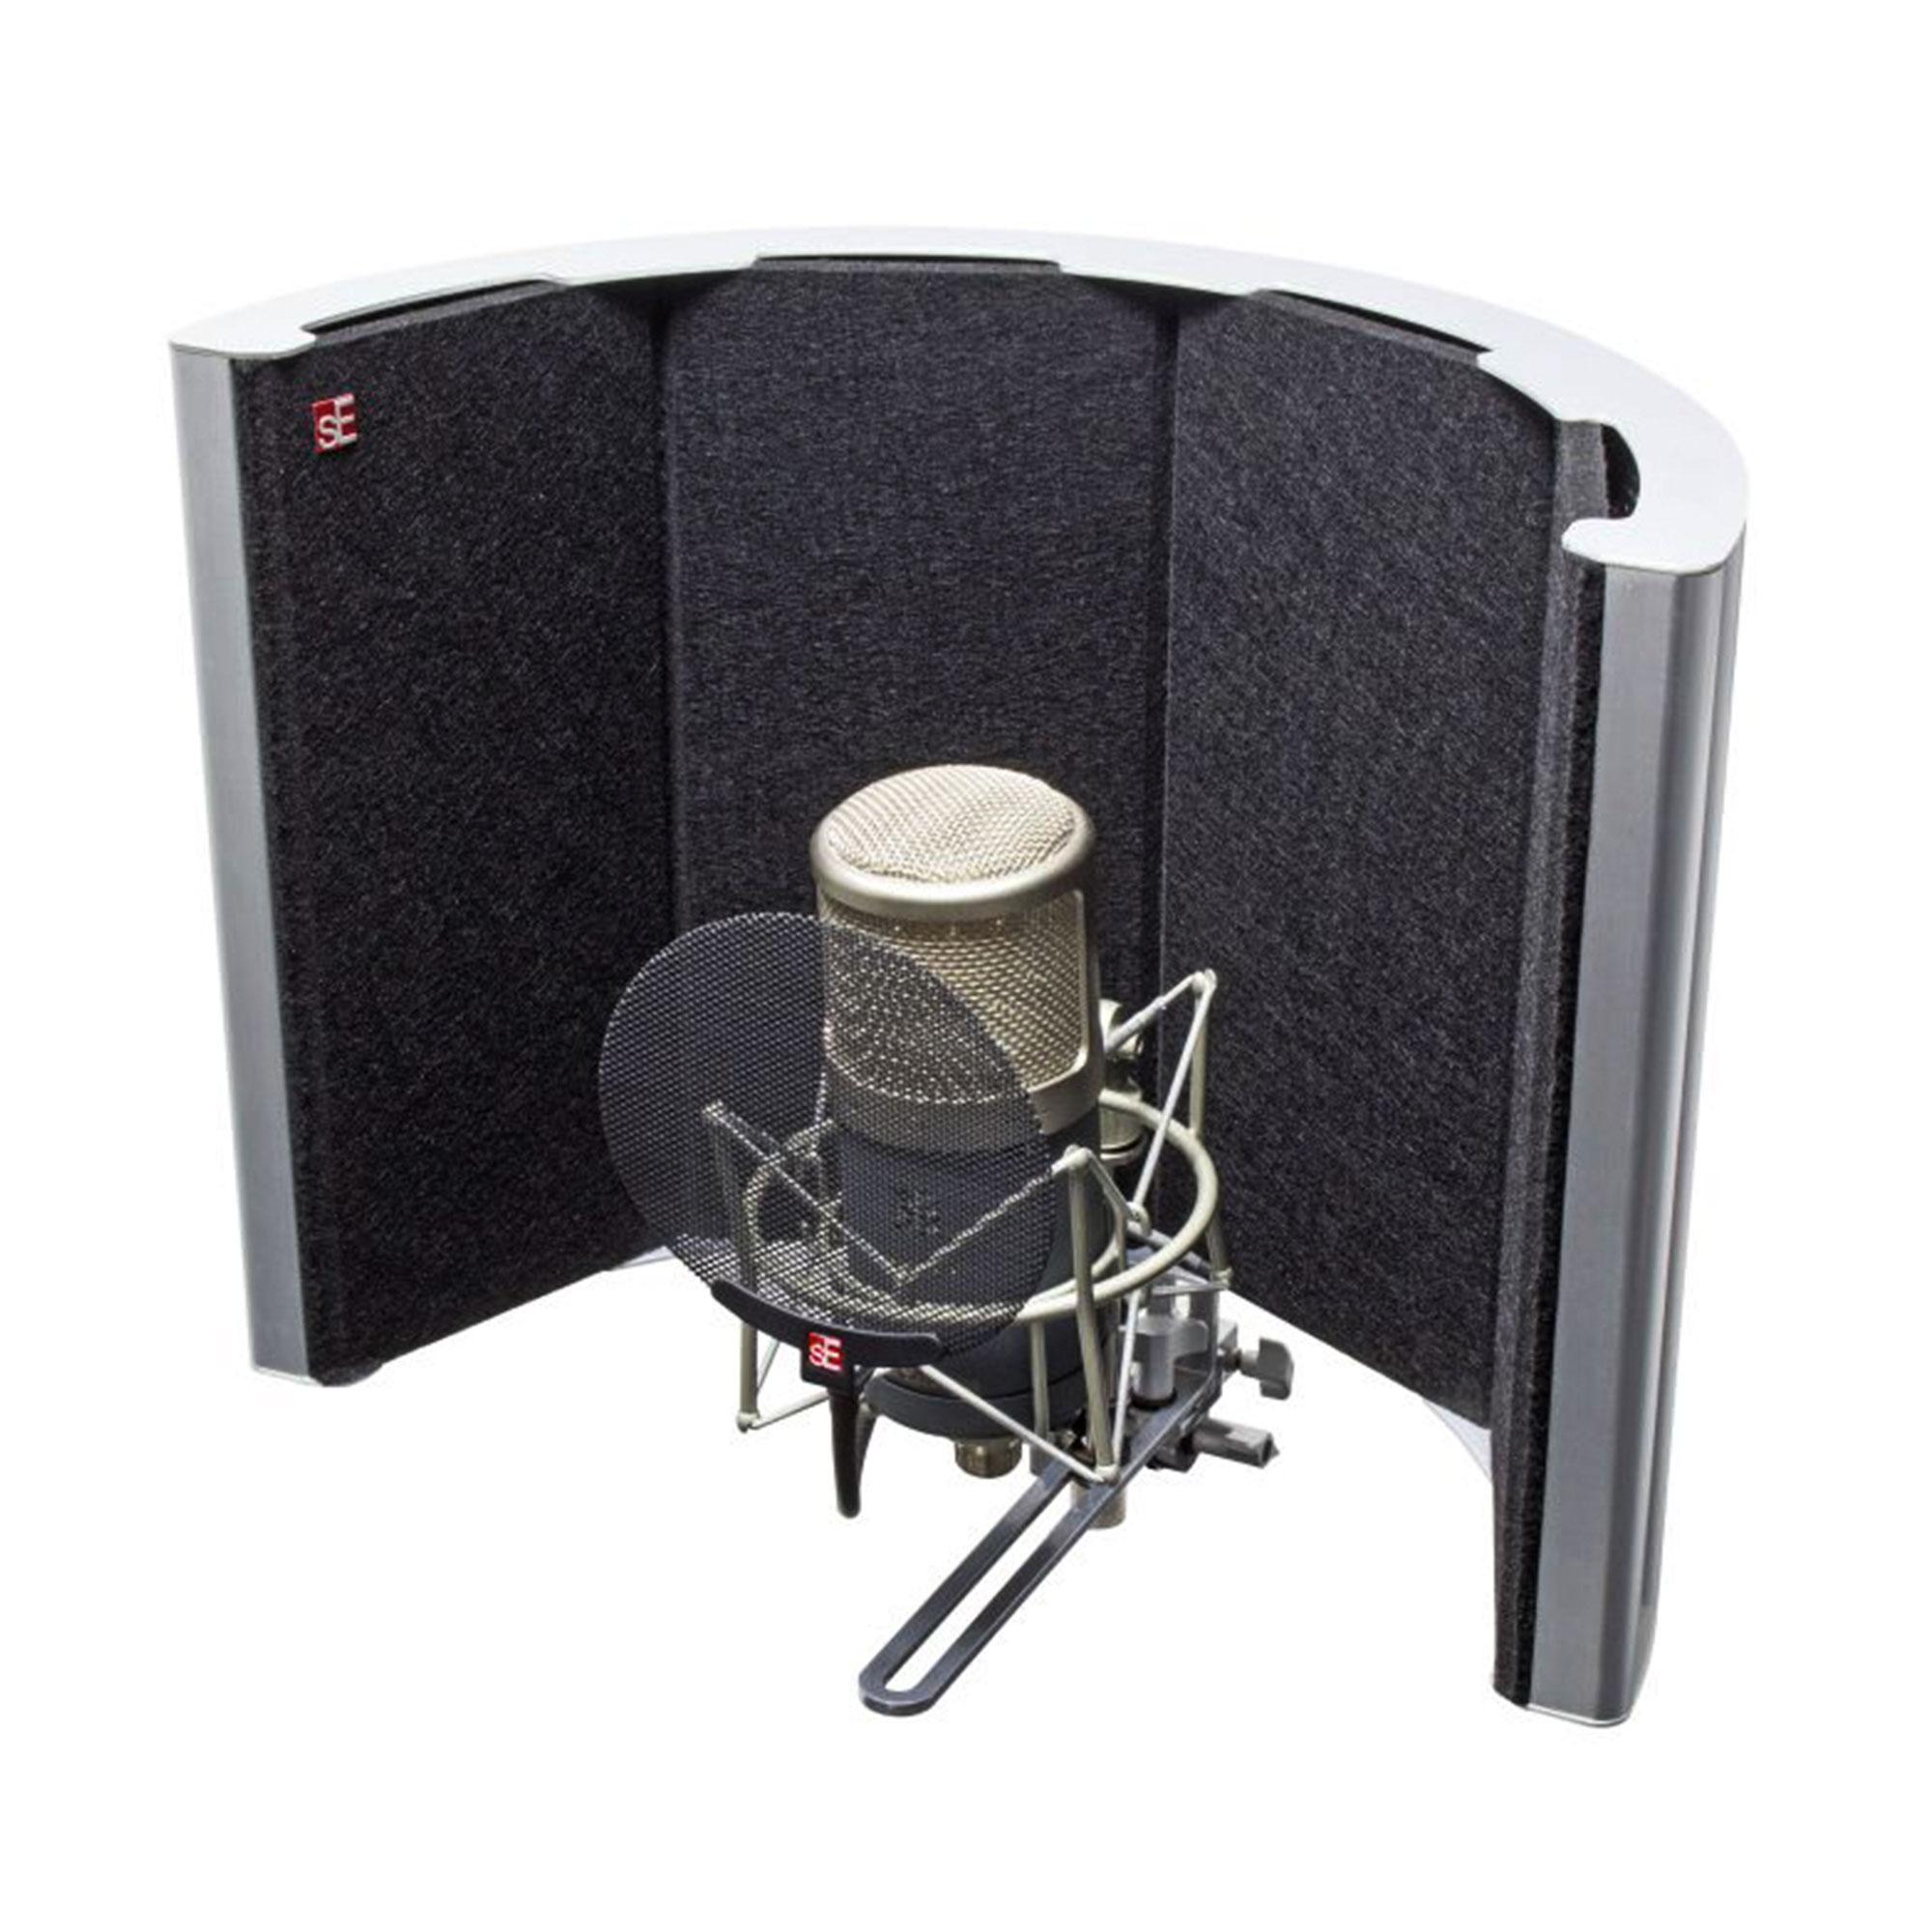 sE Electronics SPACE Vocal Shield 819032010174   eBay